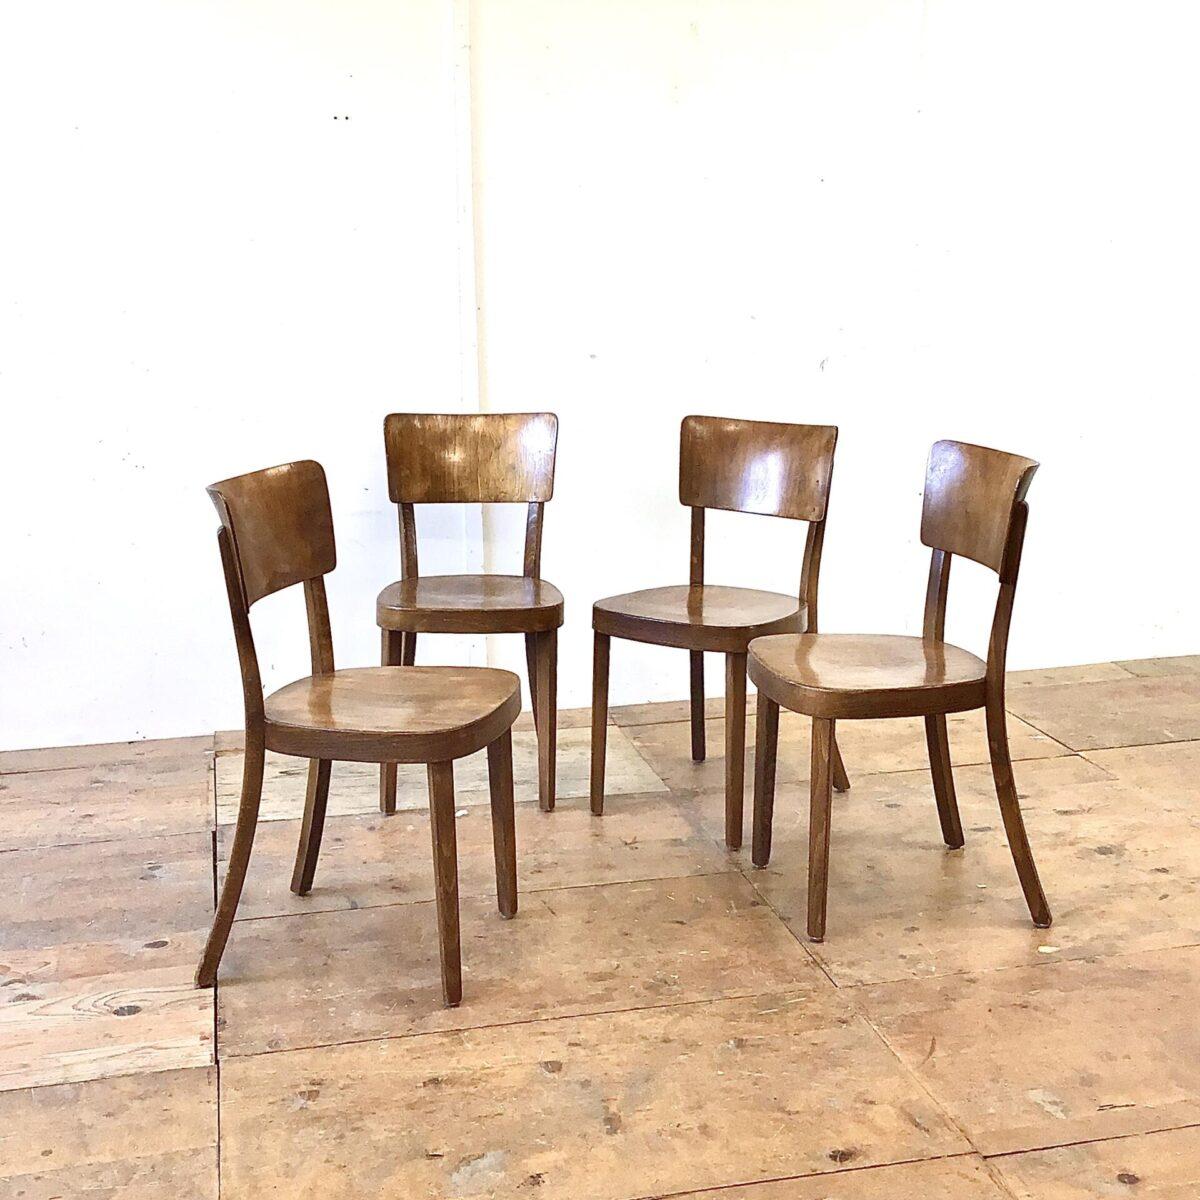 Deuxieme.shop Schön erhaltenes 4er Set horgenglarus Stühle, Modell Safran. Die Holzmaserung ist gut sichtbar mit dunkelbrauner Alterspatina. Dieses Modell wird auch heute noch produziert, haben aber natürlich nicht diese Ausstrahlung. Für mich persönlich eine der bequemsten Rückenlehne die horgenglarus zu bieten hat.